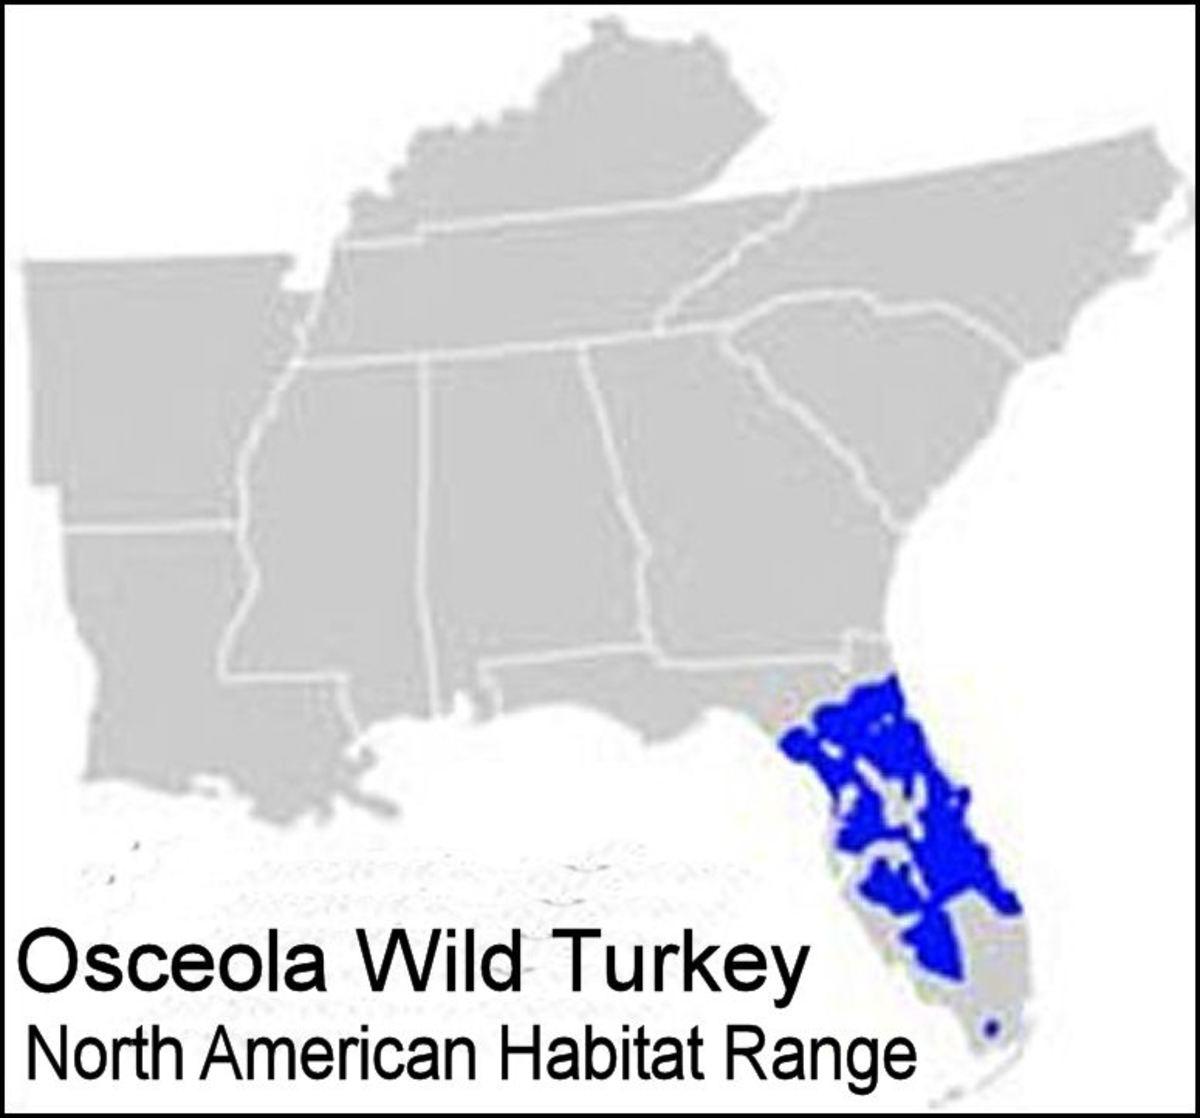 Osceola Wild Turkey Habitat Range